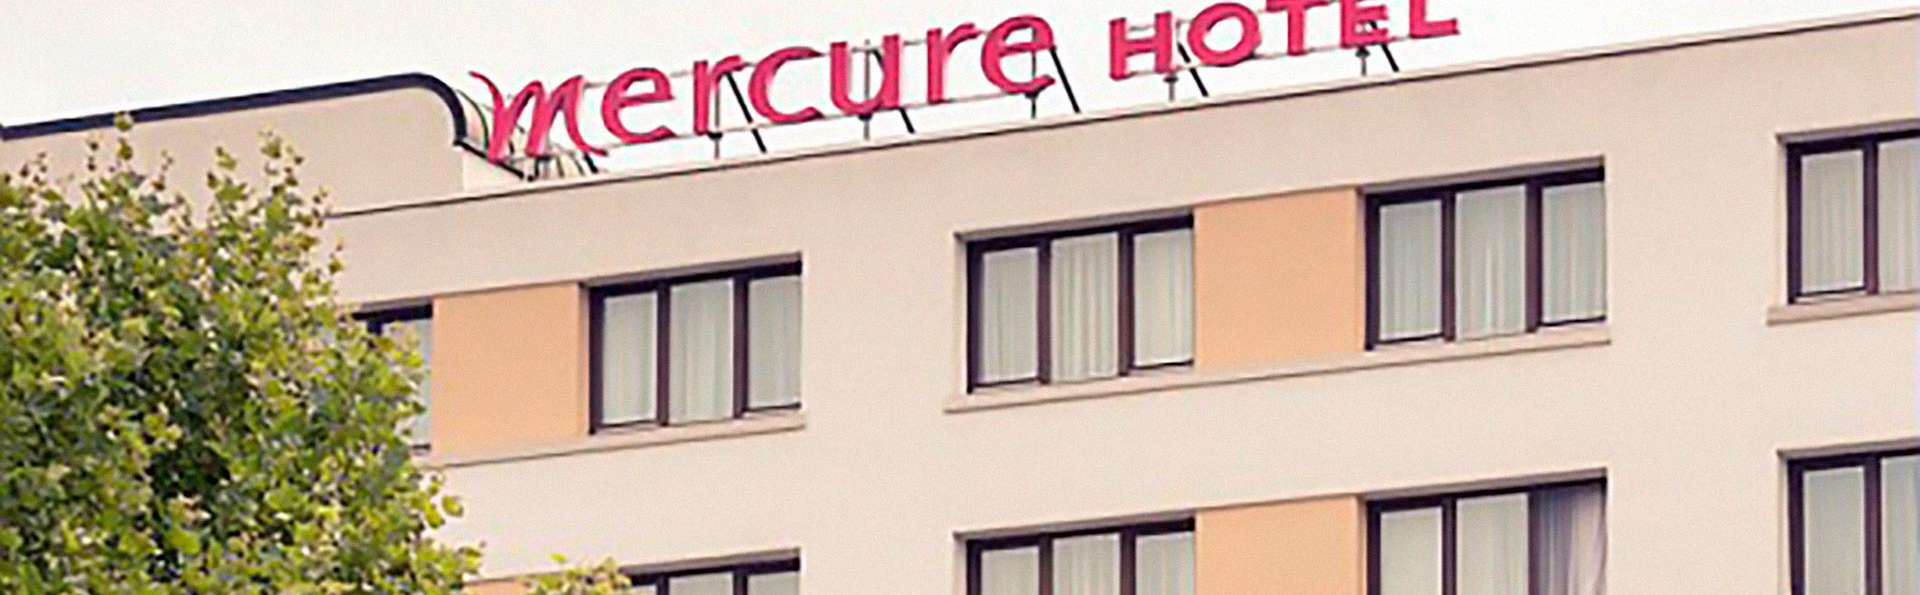 Mercure Hotel Offenburg am Messeplatz - EDIT_FRONT_03.jpg